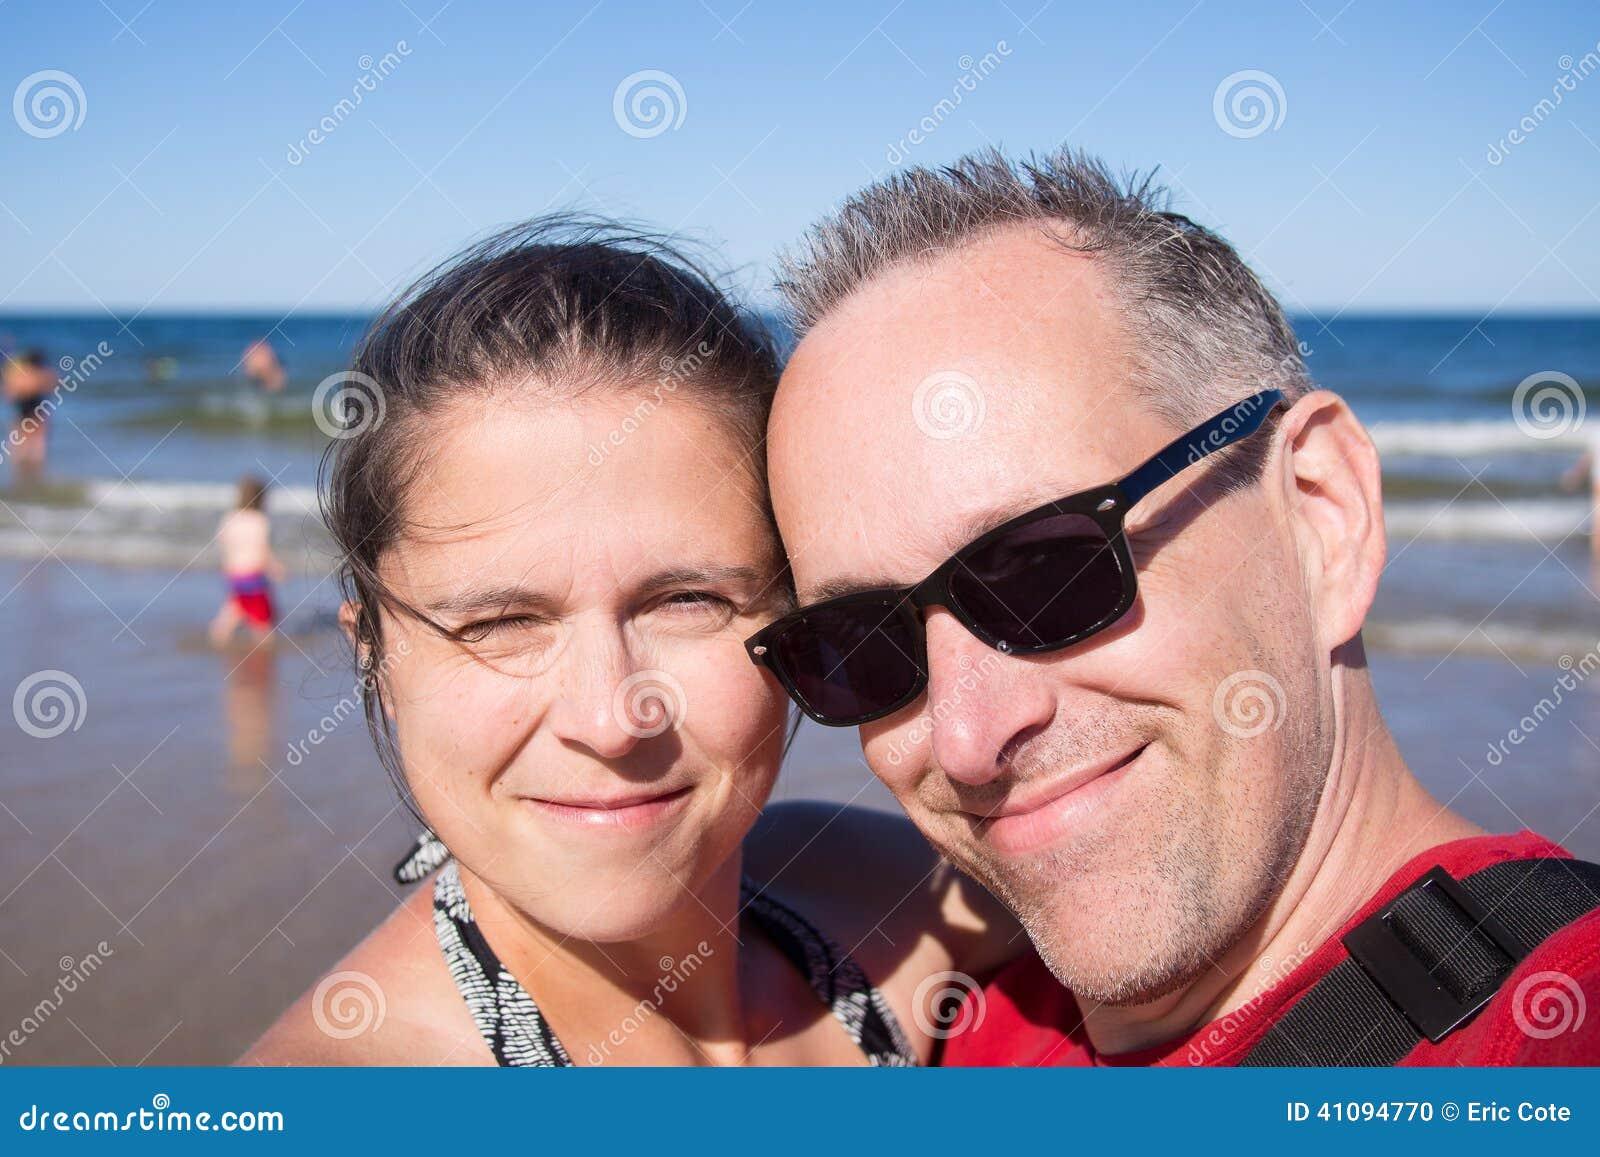 Фото супругов на море 2 фотография